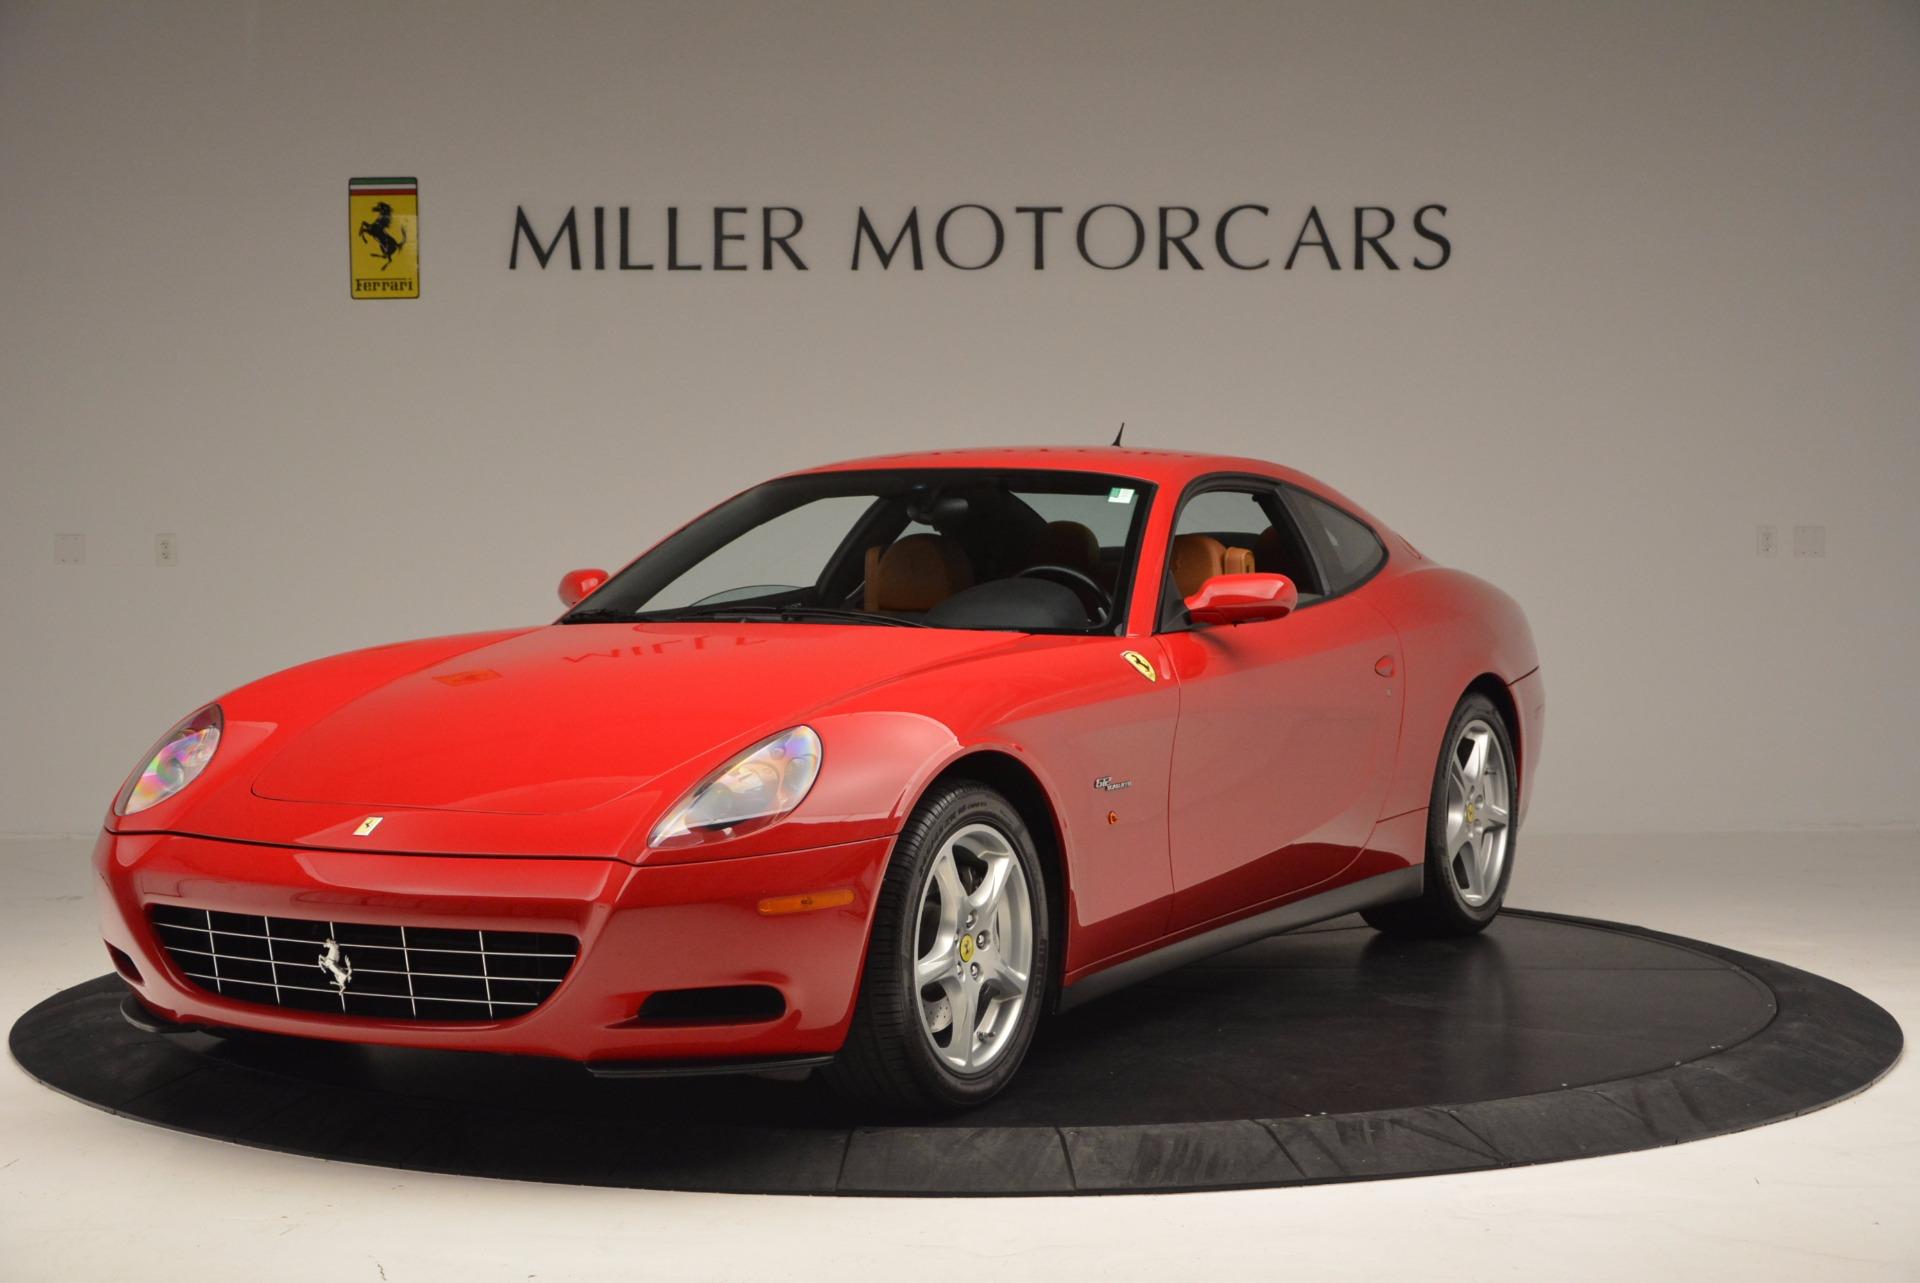 Used 2005 Ferrari 612 Scaglietti for sale Sold at Aston Martin of Greenwich in Greenwich CT 06830 1